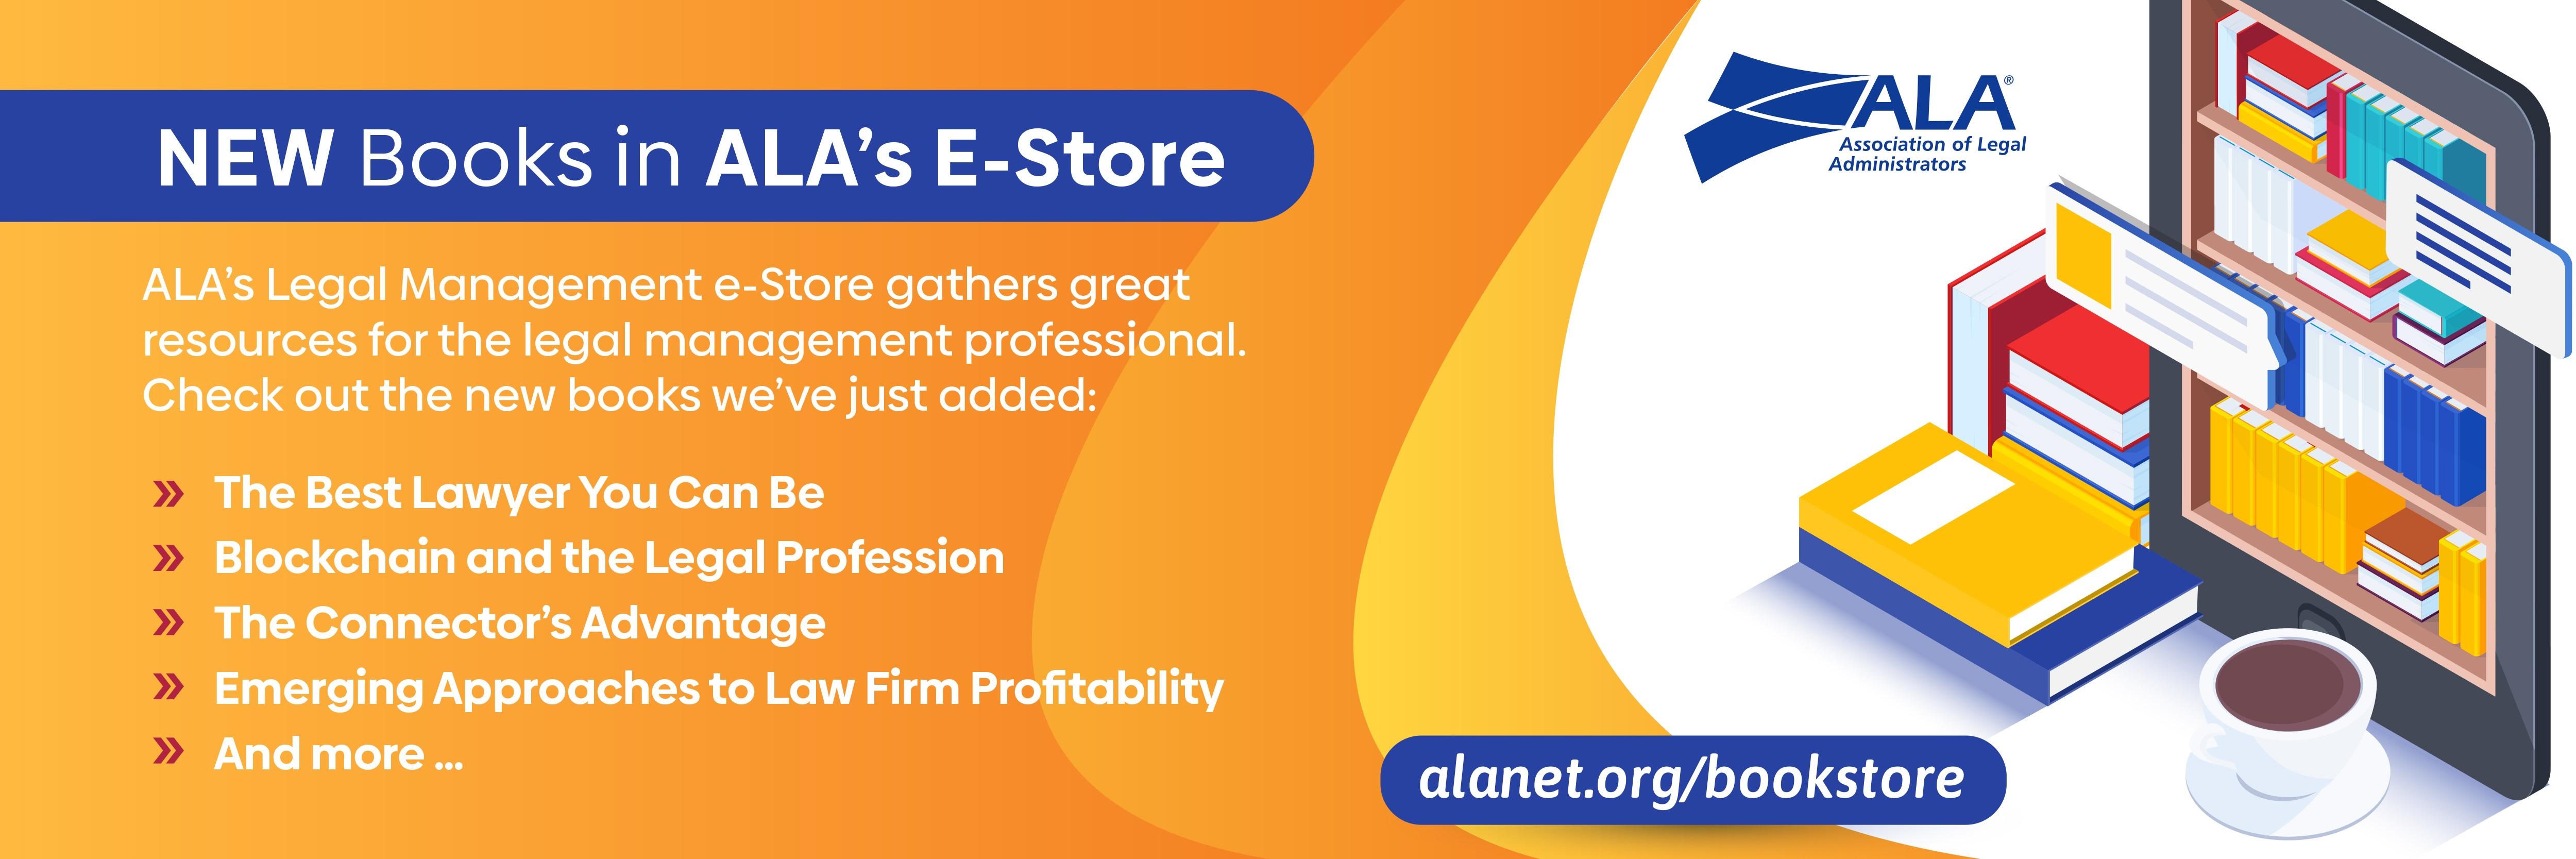 ALA's E-Store